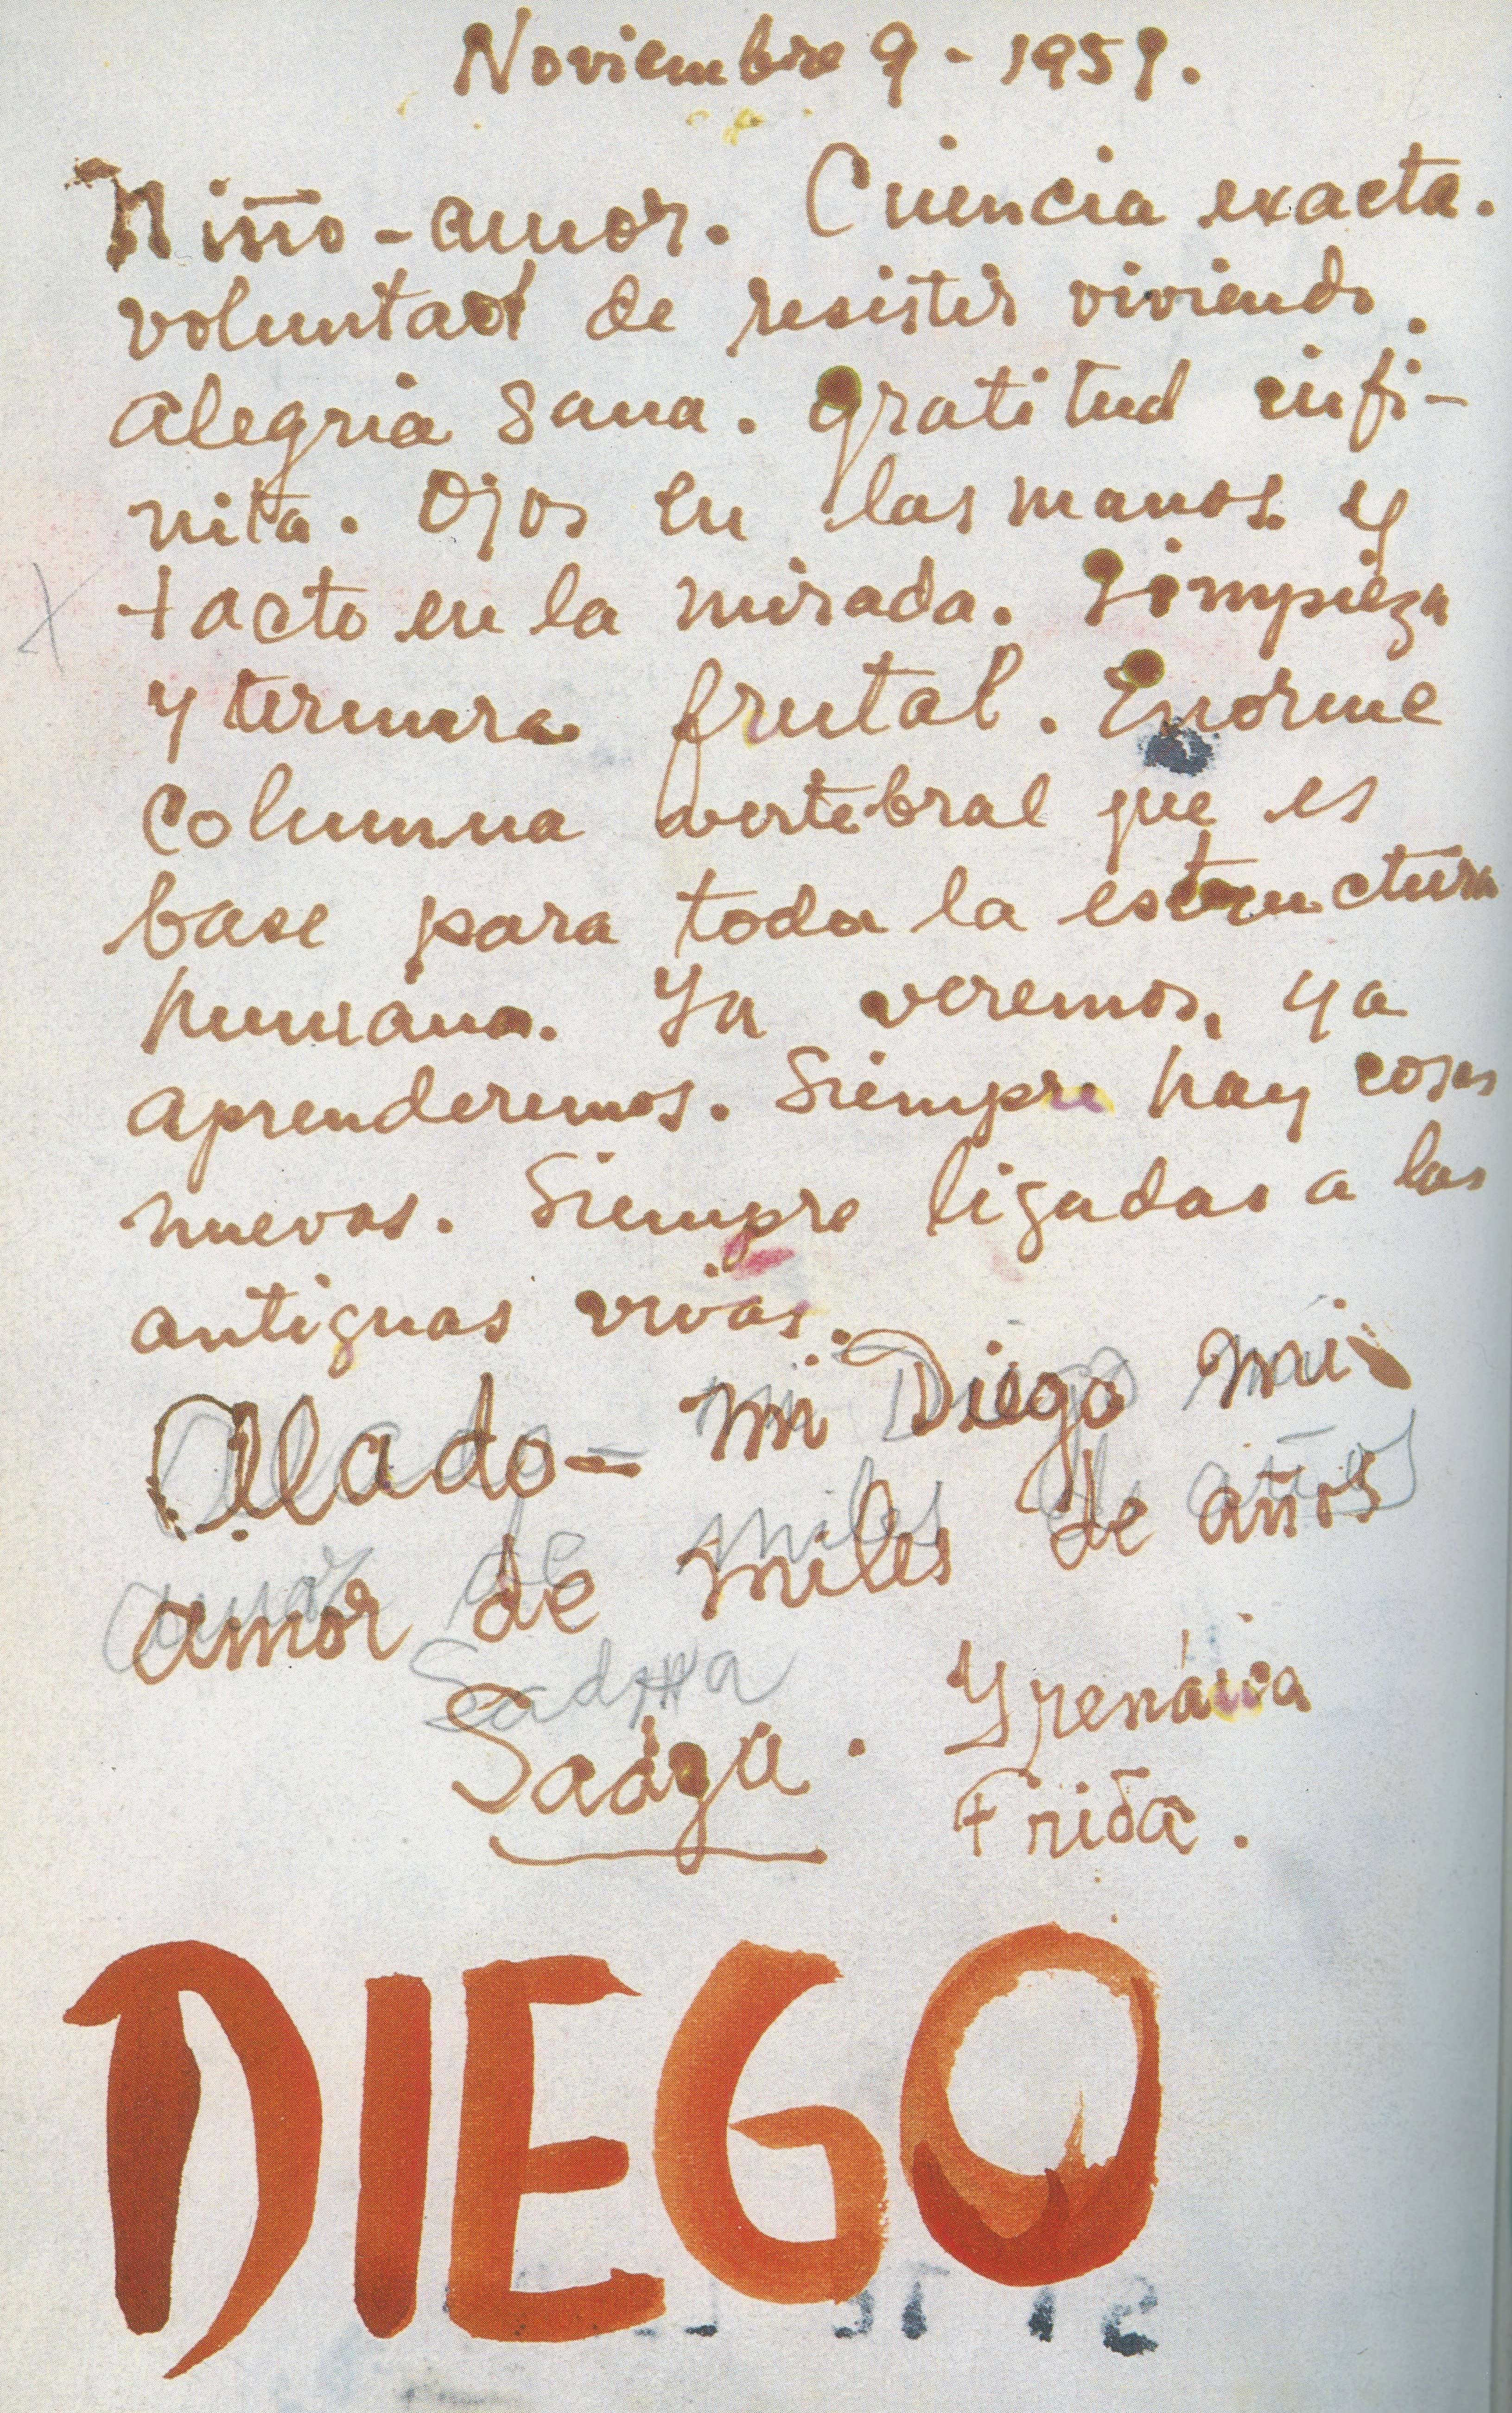 ésta Carta No Es Auténtica De Frida La Fecha Es De Noviembre De 1959 Y Ella Murió En El Año 1954 Frida Kahlo Frazes Inspiradoras Casa Azul